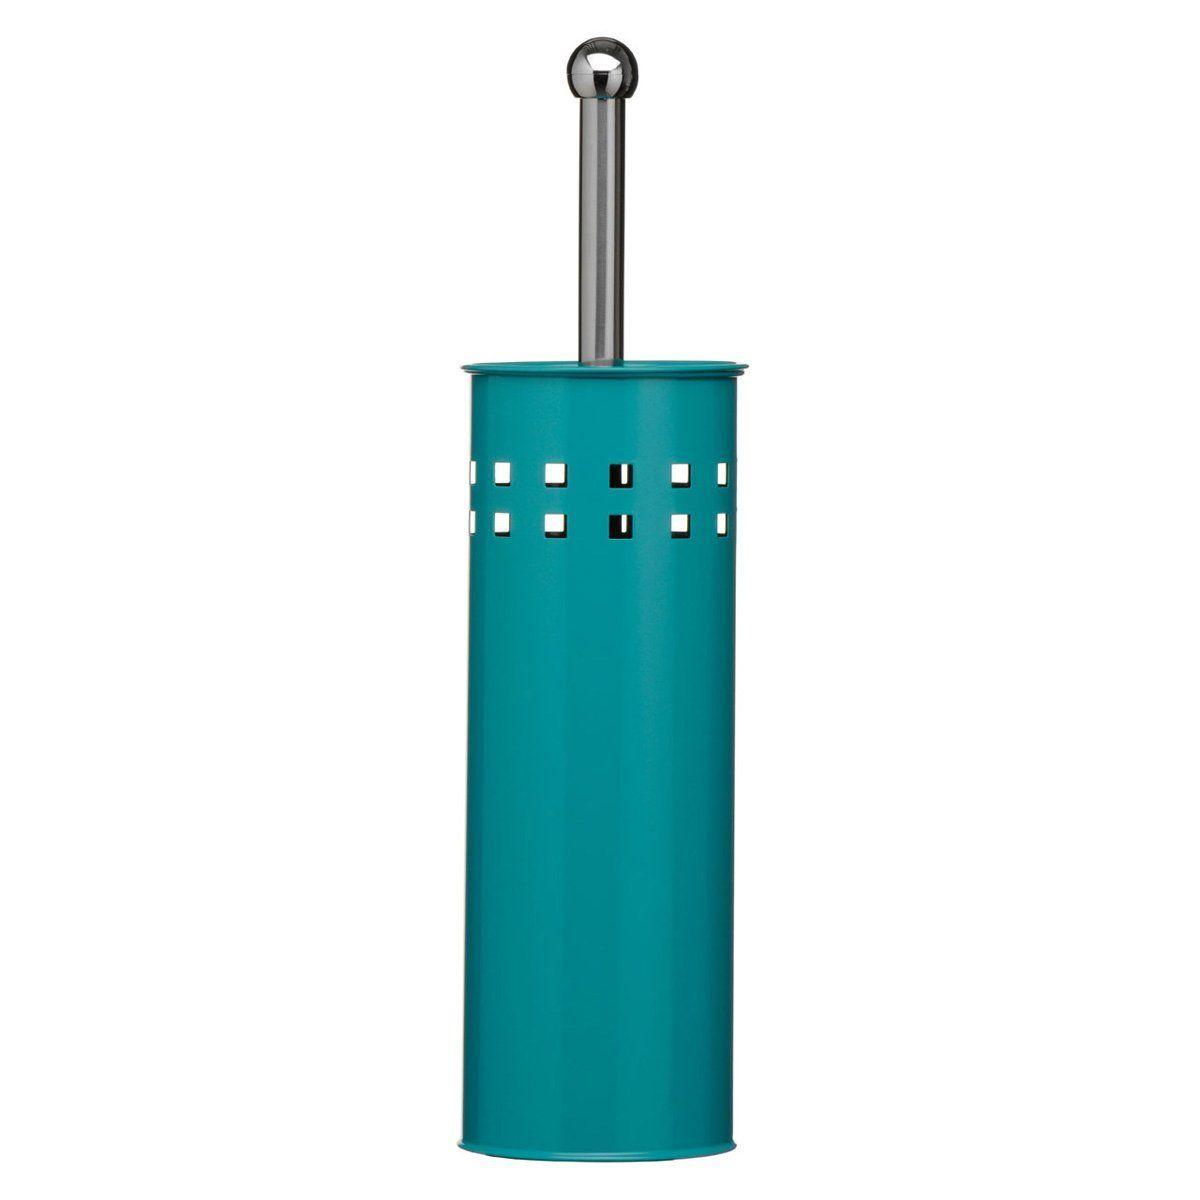 New Premier Square Design Stainless Steel Bathroom Blue Teal Toilet Brush Holder Amazon Co Uk Kit Stainless Steel Bathroom Toilet Brush Holders Blue Bathroom